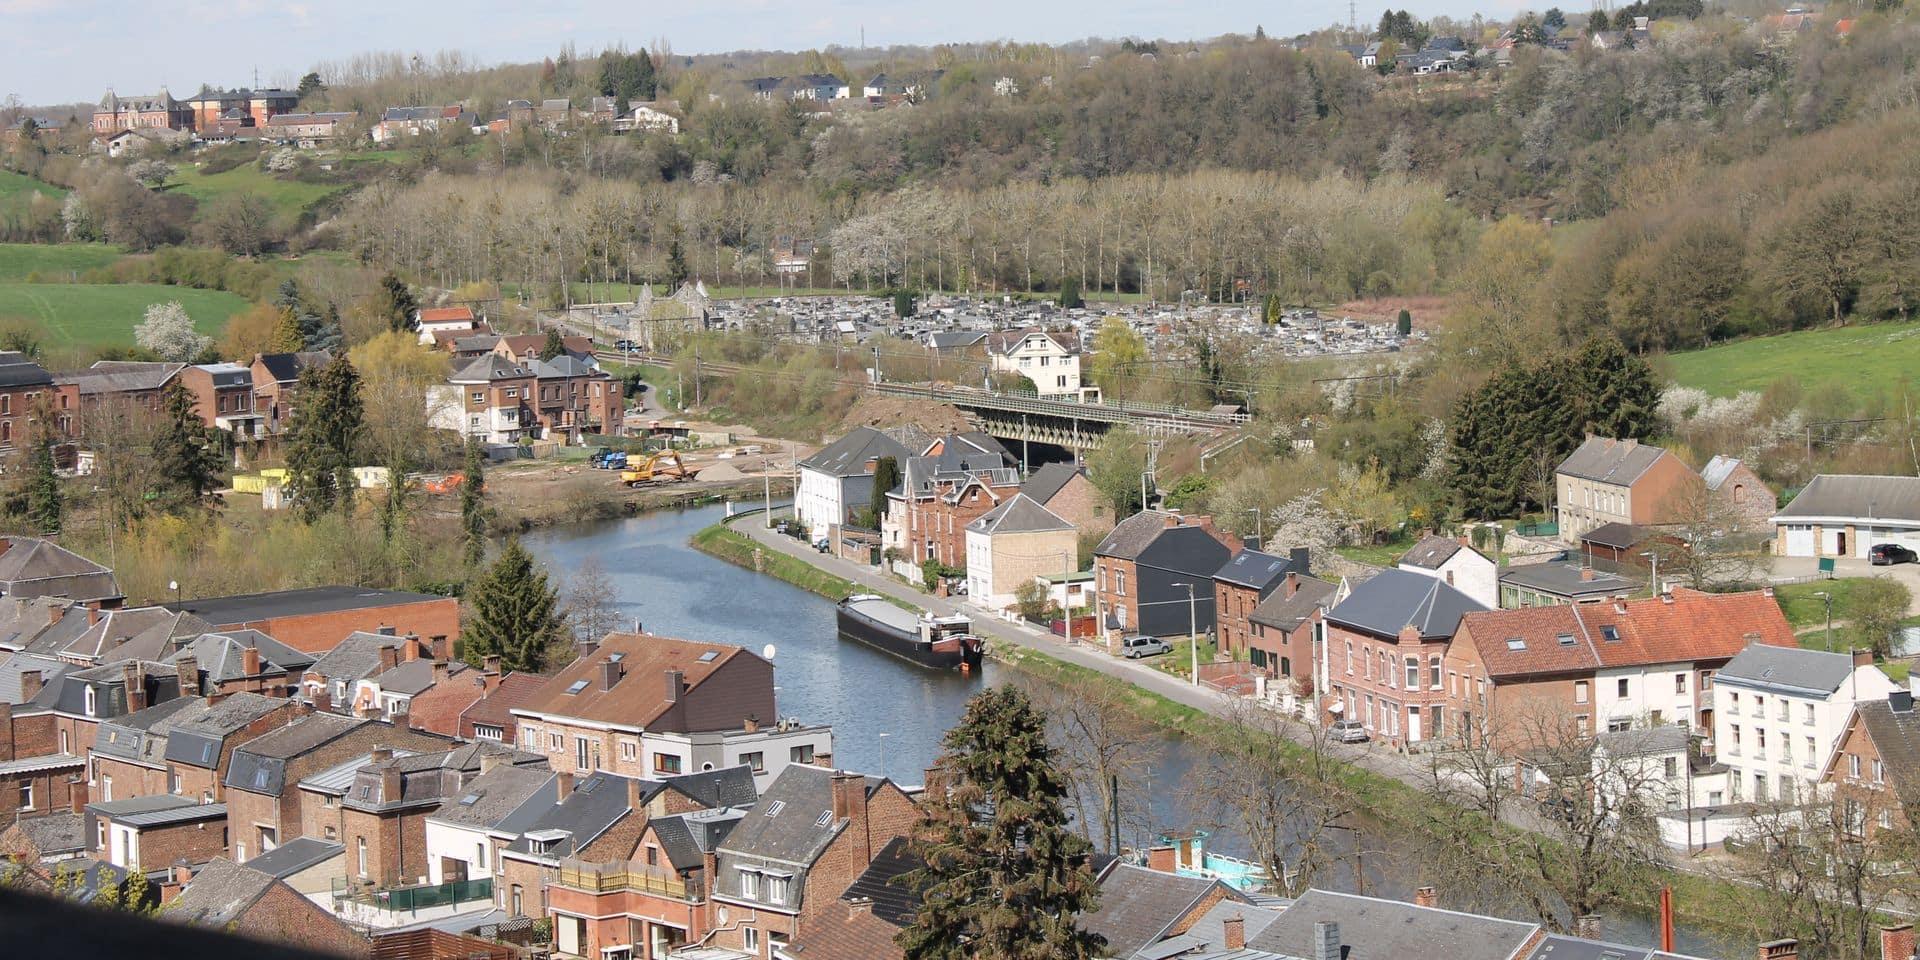 La ville de Thuin va adhérer à l'Agence Immobilière Sociale